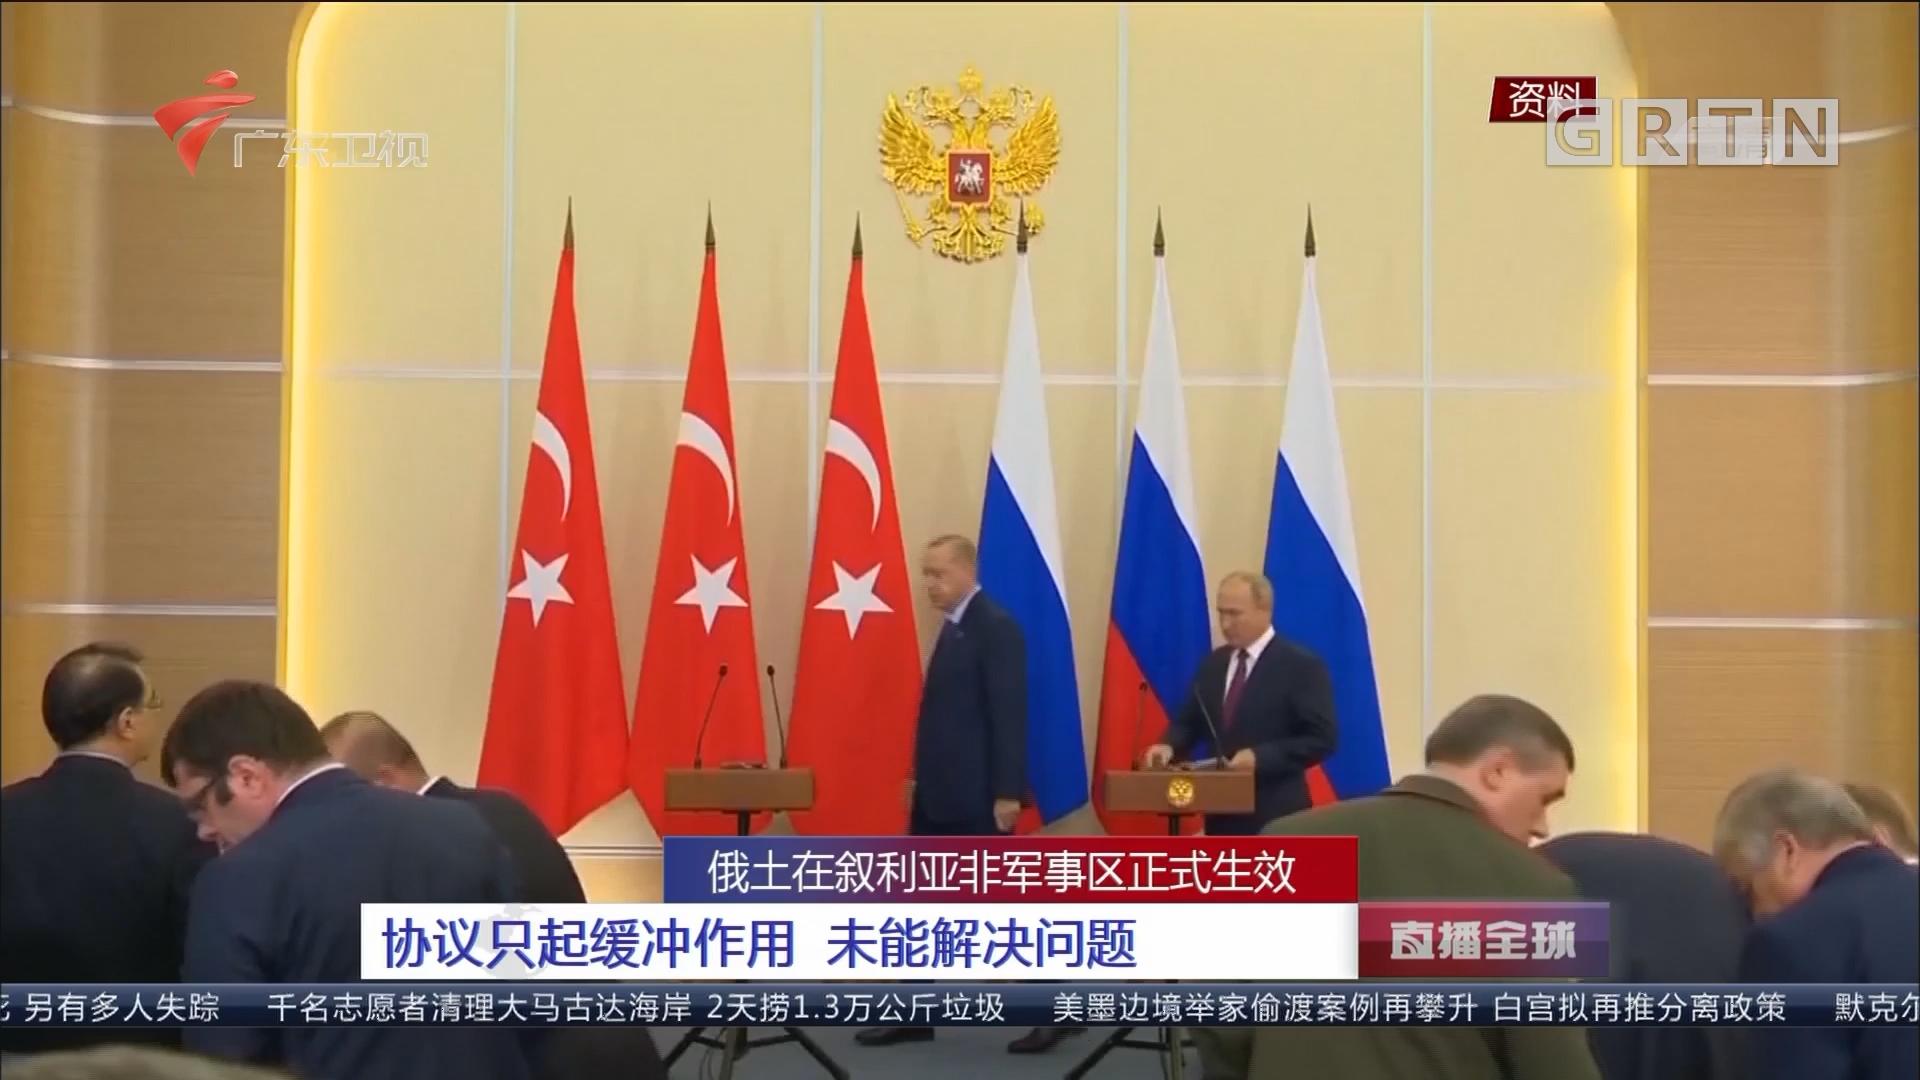 俄土在叙利亚非军事区正式生效:非军事区协议落实 土耳其承受重压